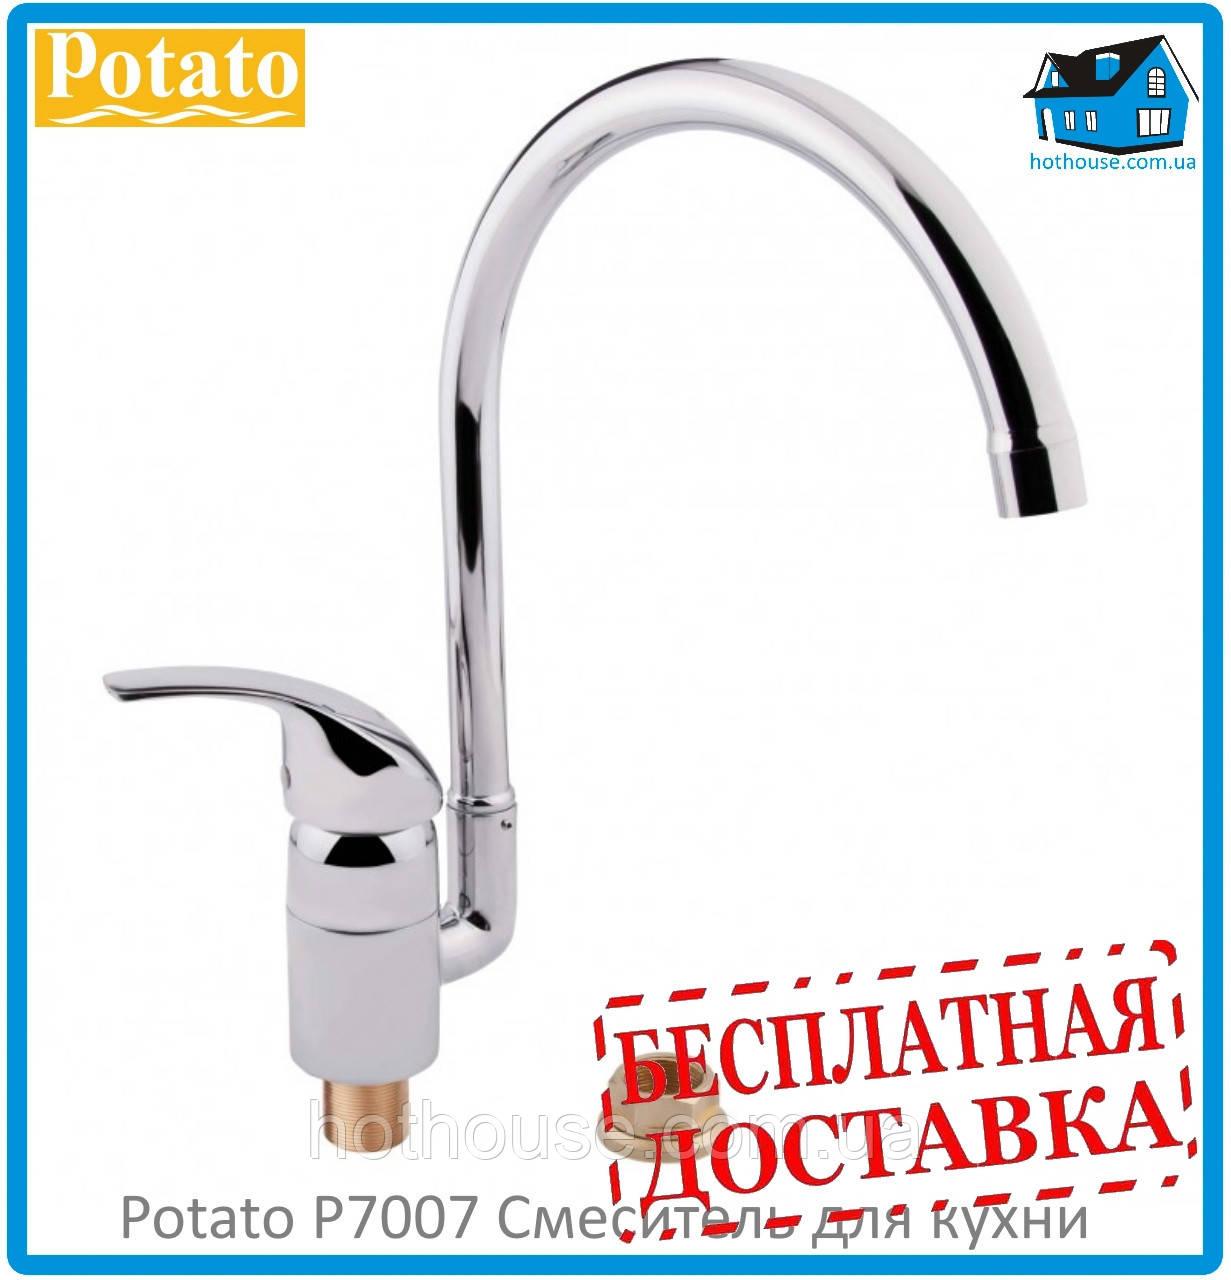 Смеситель для кухни Potato P7007